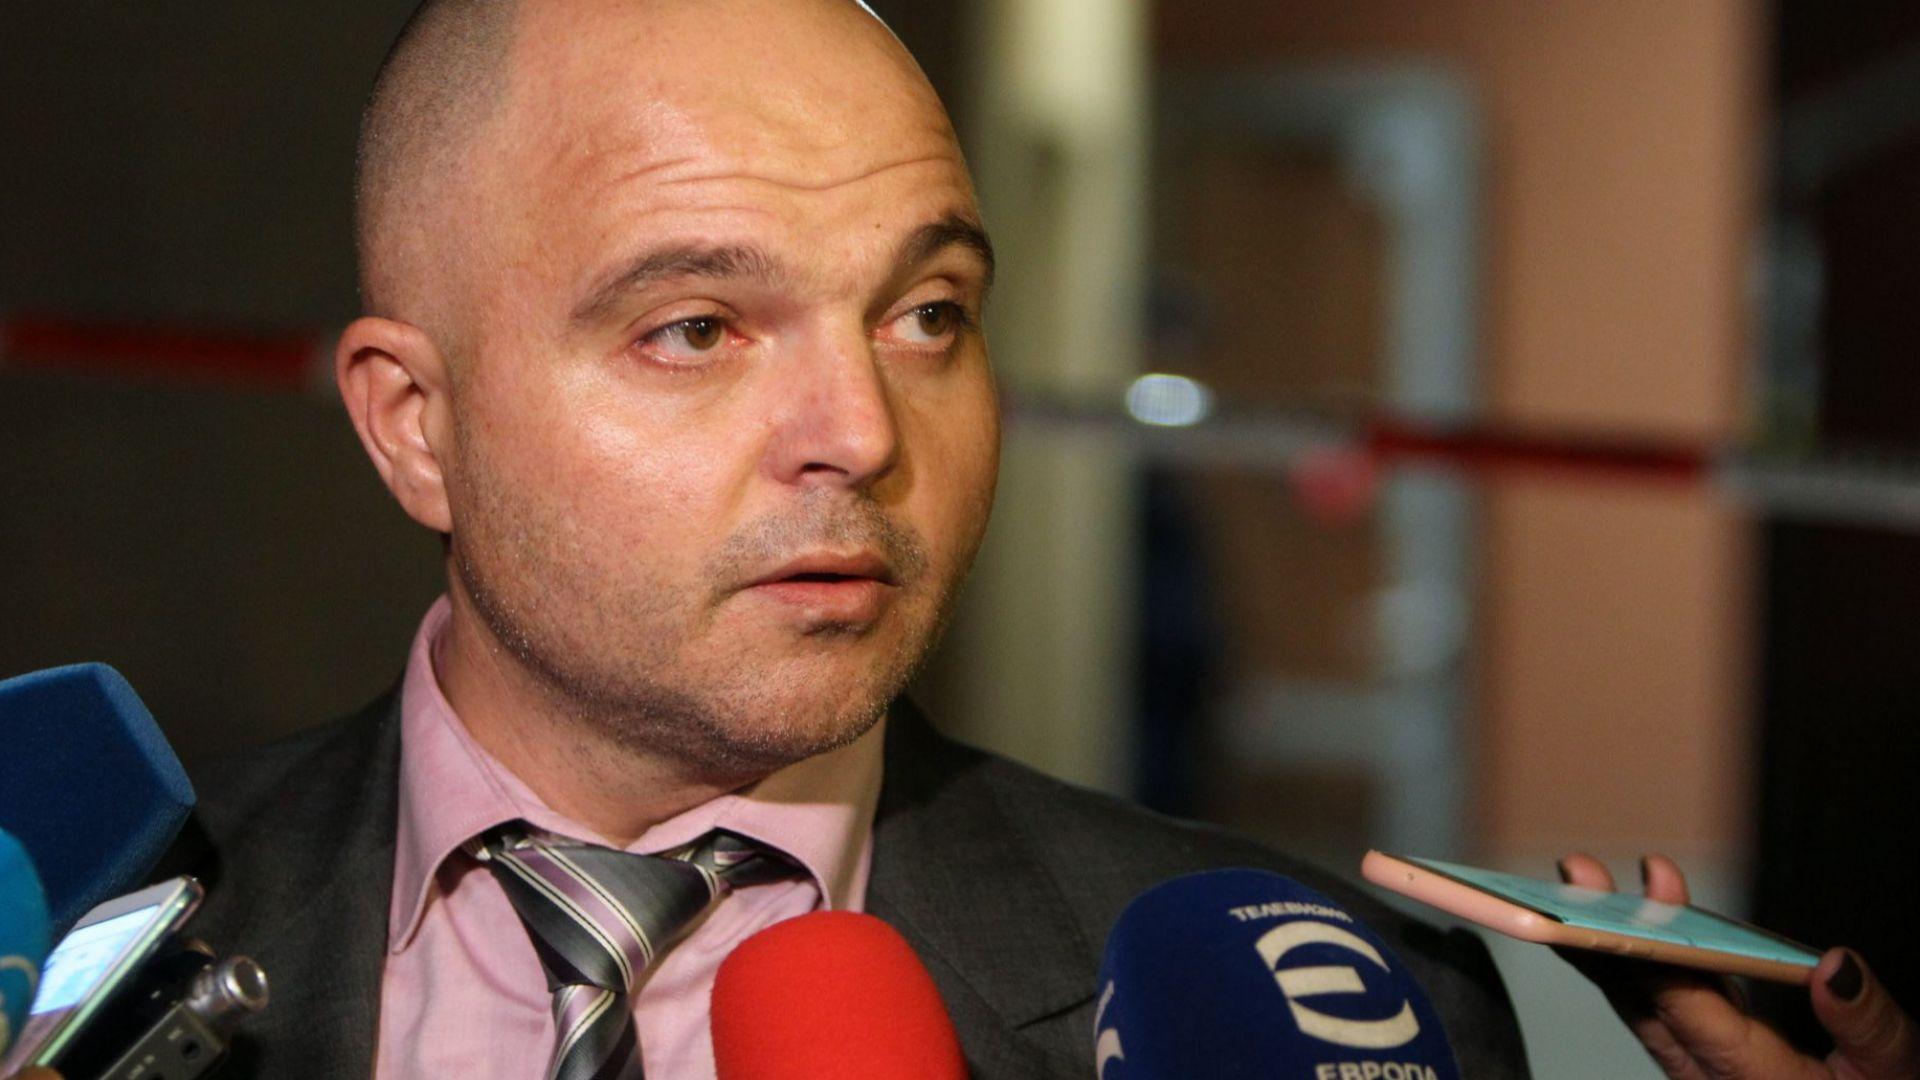 17 души са задържани при наркоация в София, под ударите е попаднала групата на Сако